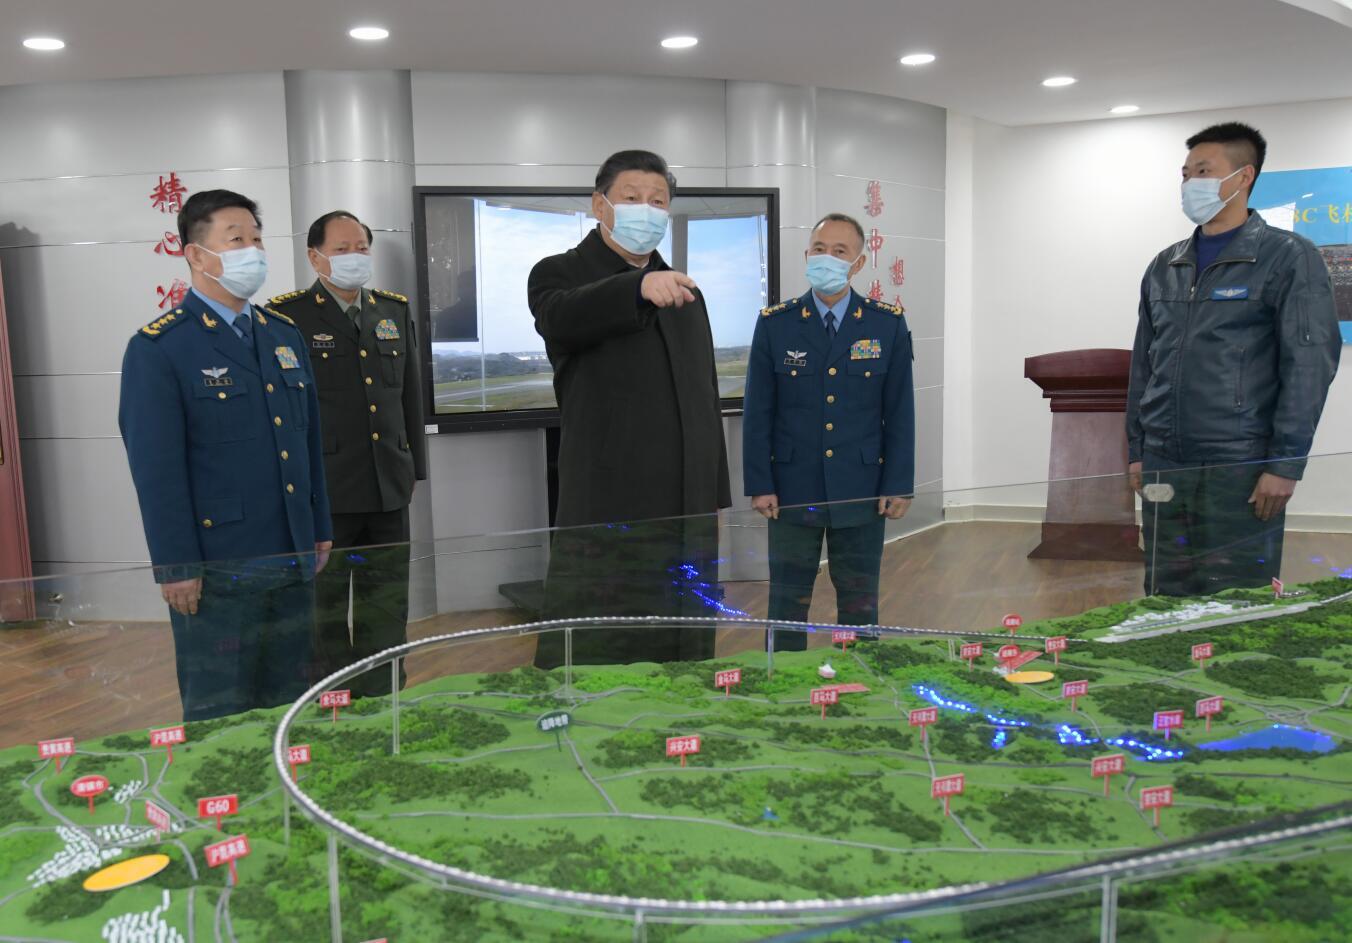 這是習近平到某飛行大隊空勤樓飛行準備室,察看飛行技術研究情況。(新華社)